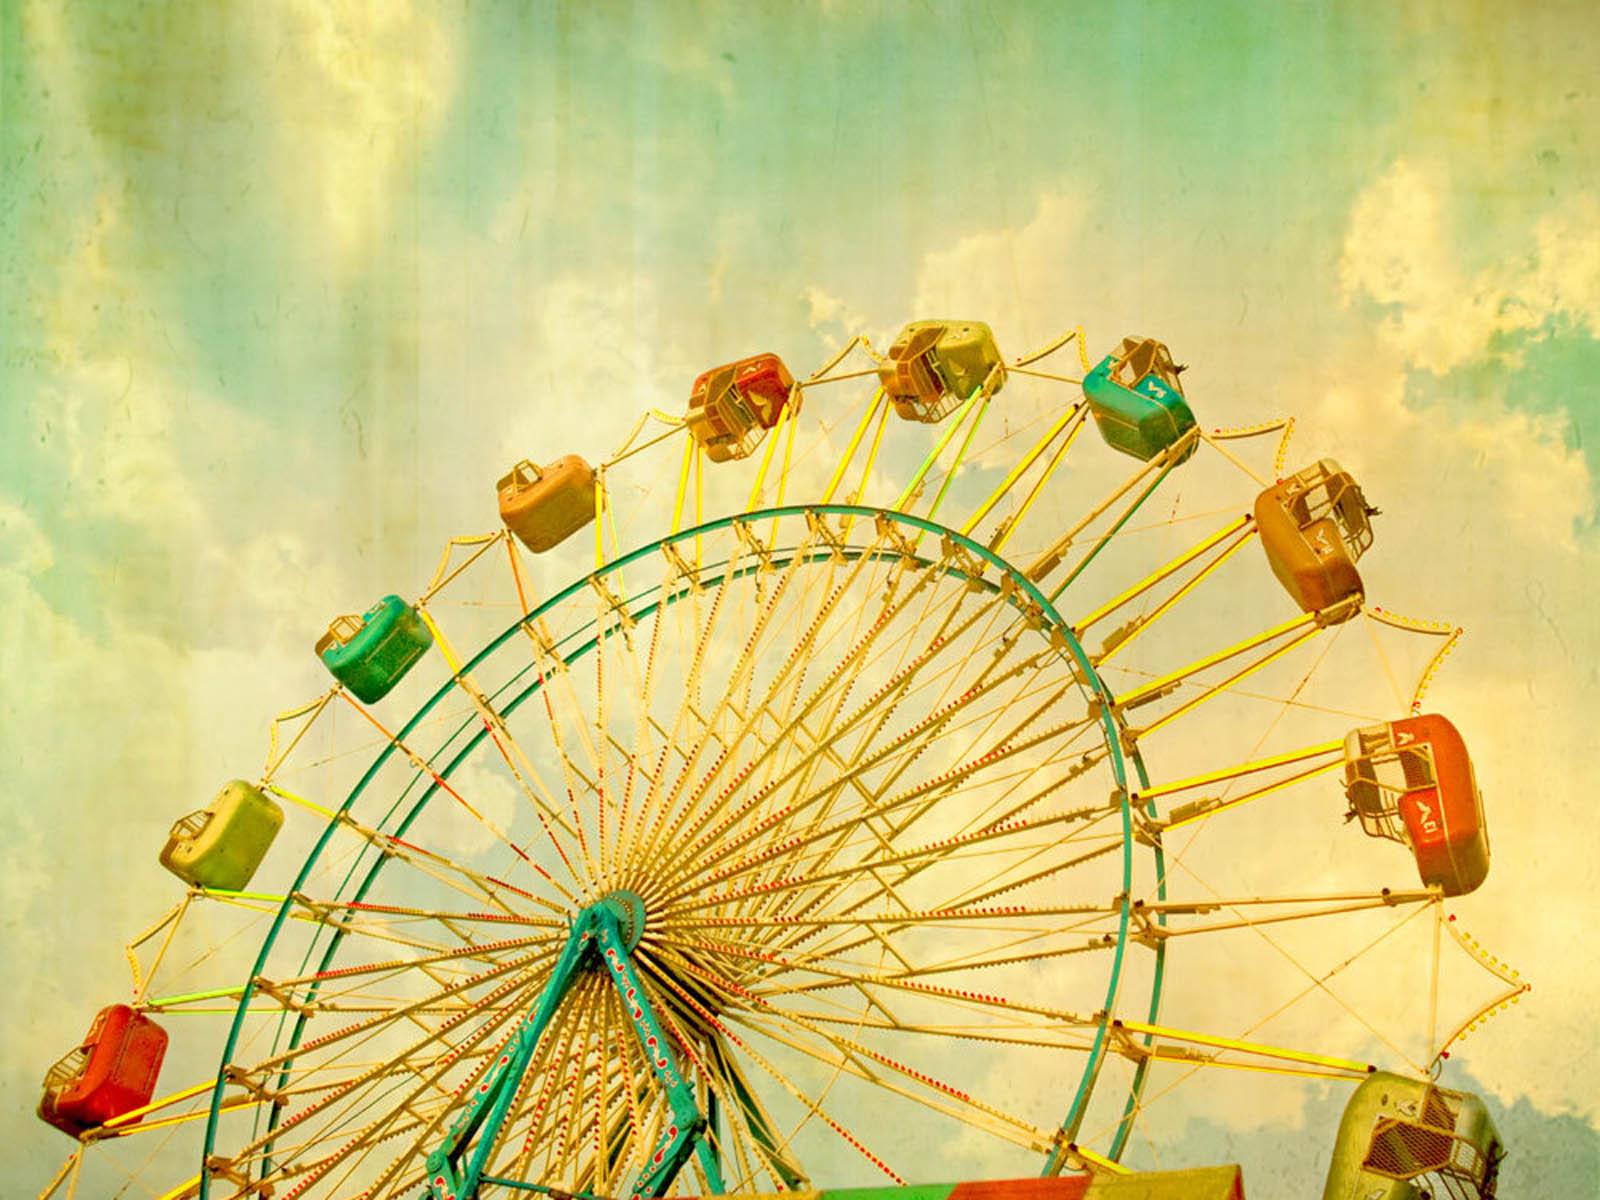 wallpapers: Ferris Wheel